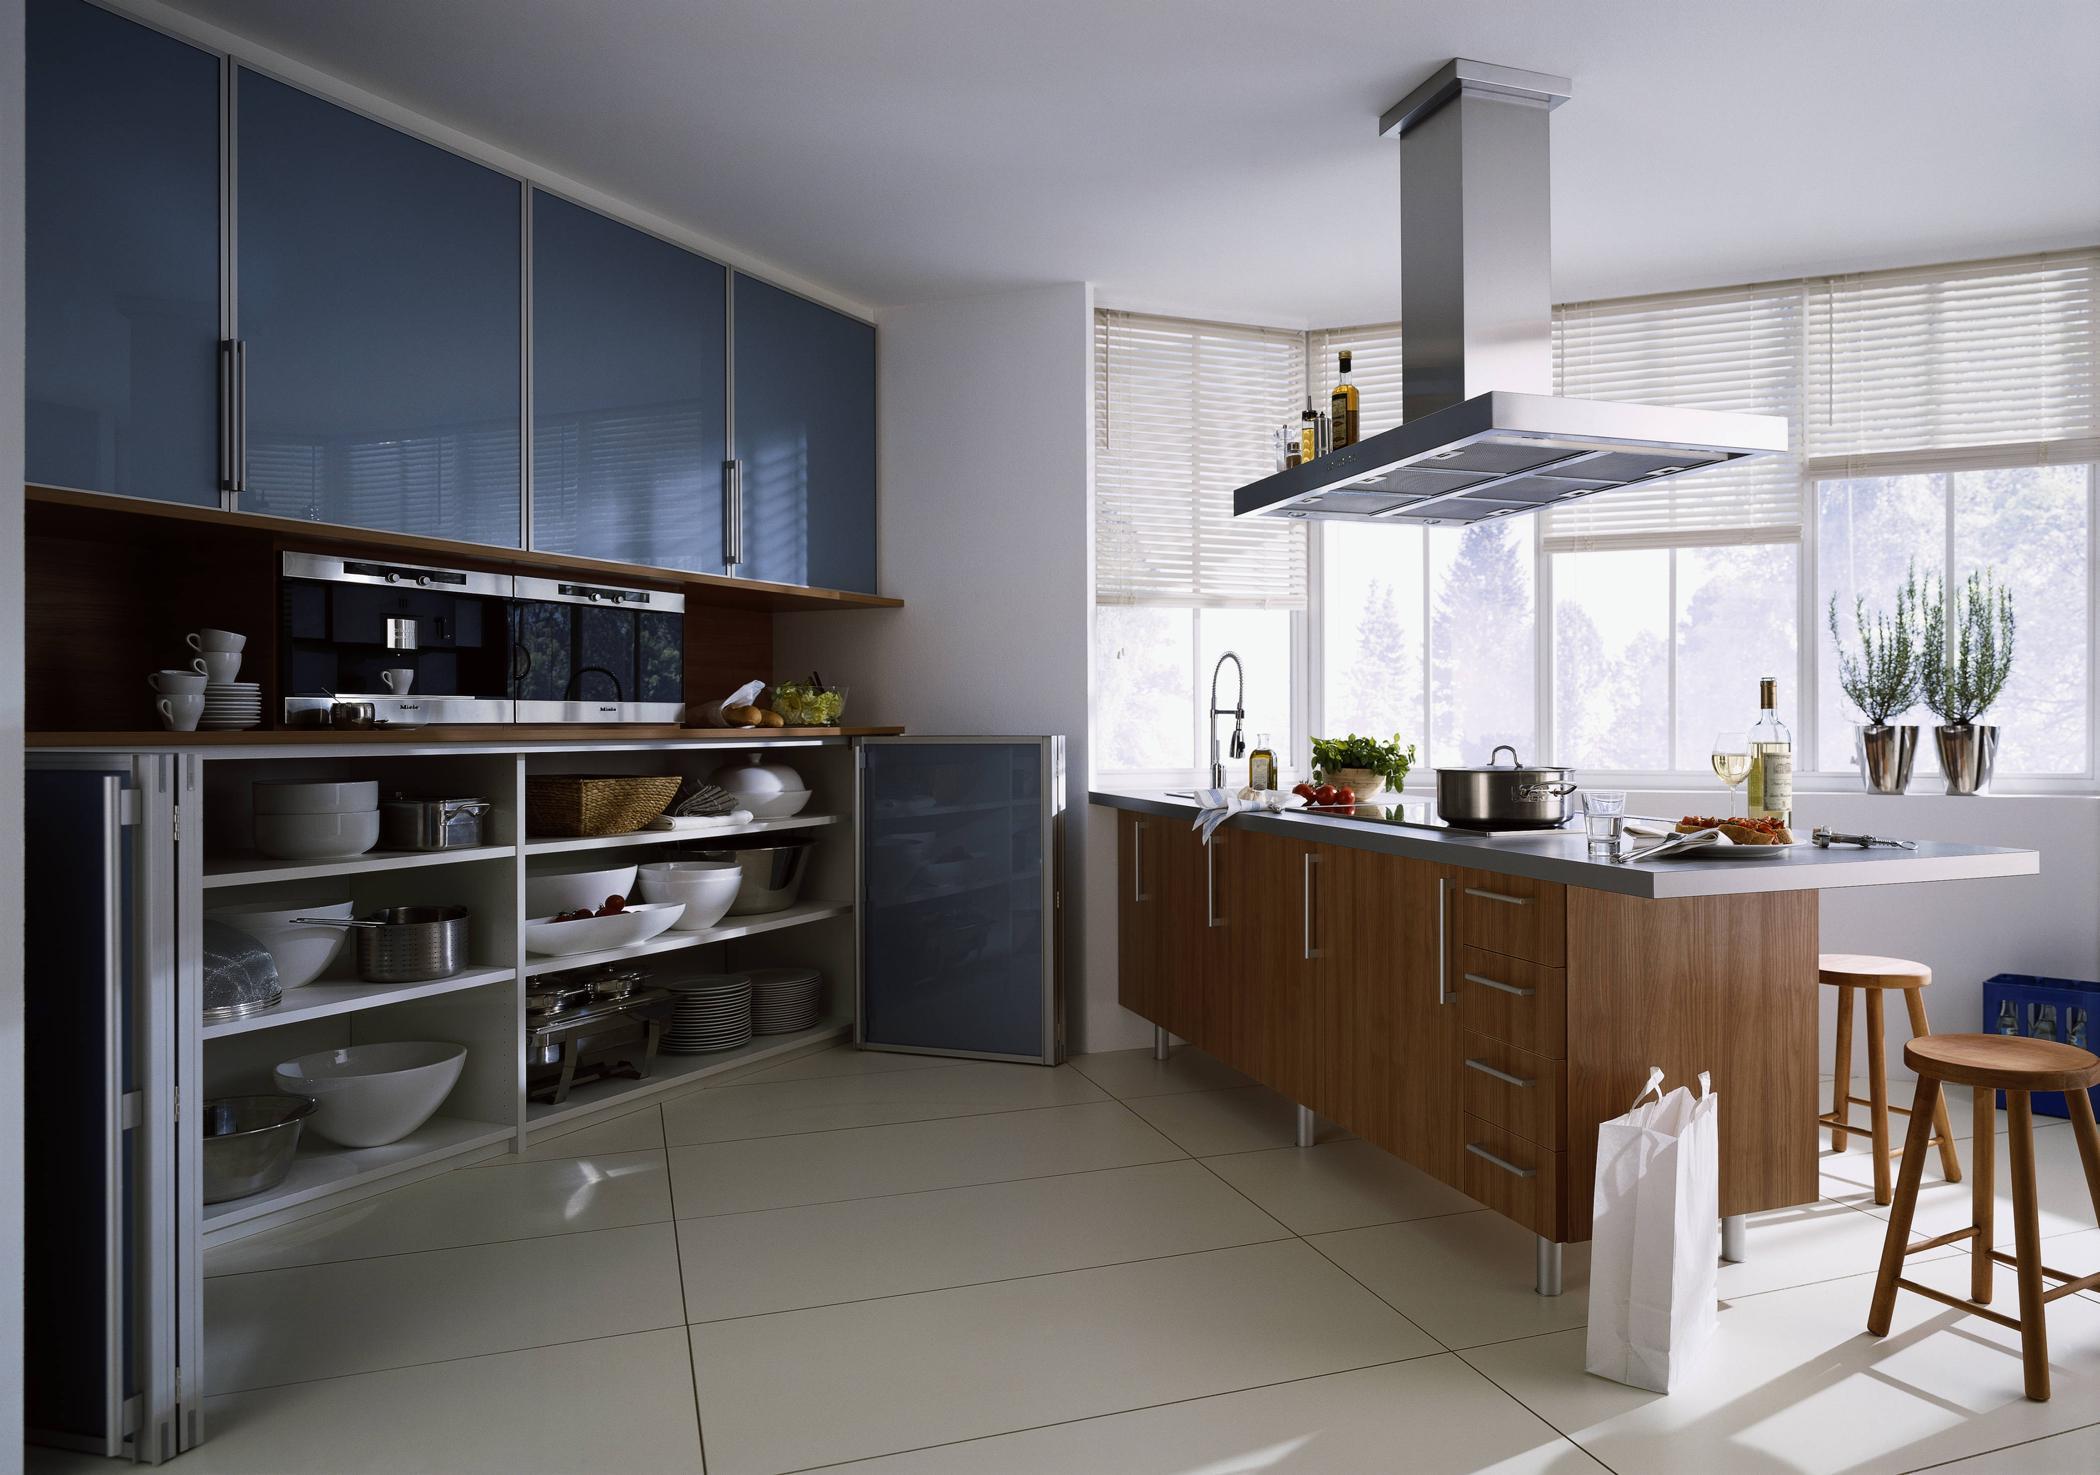 Falttür Küche küche mit falttür in blau küche küchentresen raum